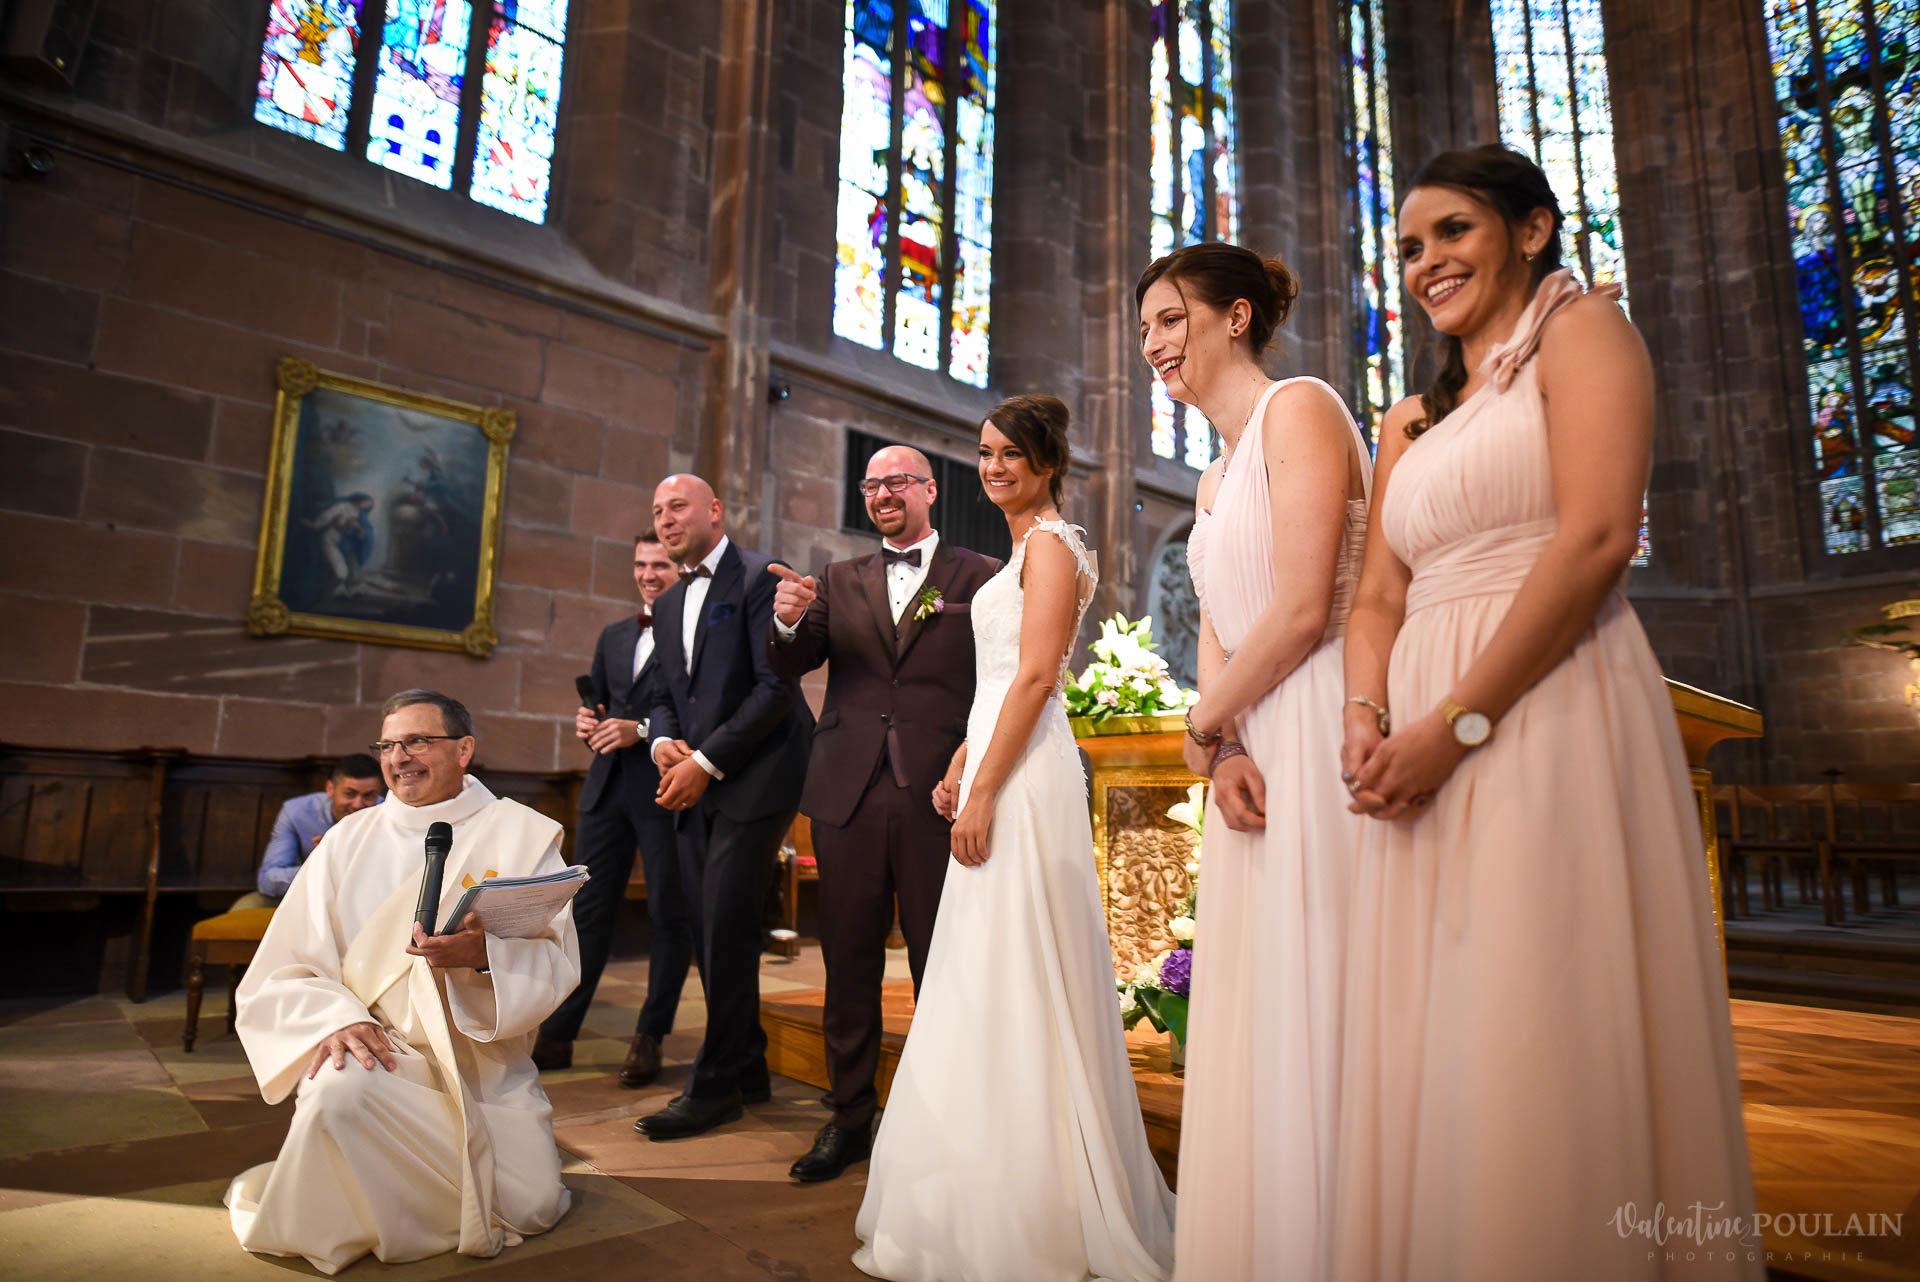 Mariage convivial Saverne - Valentine Poulain église